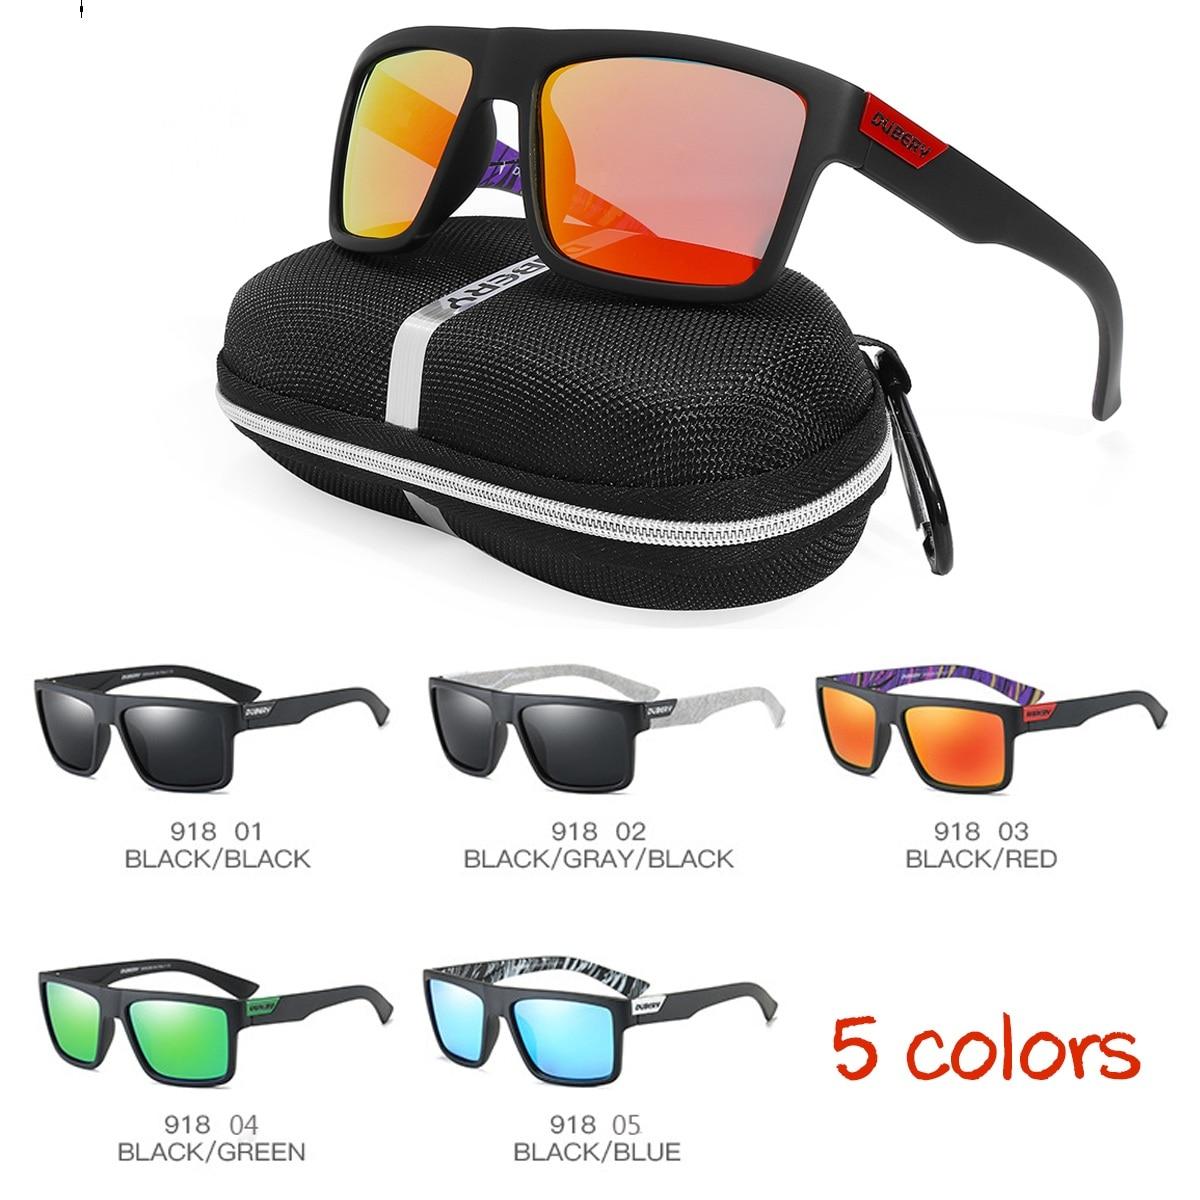 a0b3a61e25 Sol polarizadas antideslumbrante cuadrado deporte conducción hombres  mujeres gafas de sol la pesca viajar gafas con caja